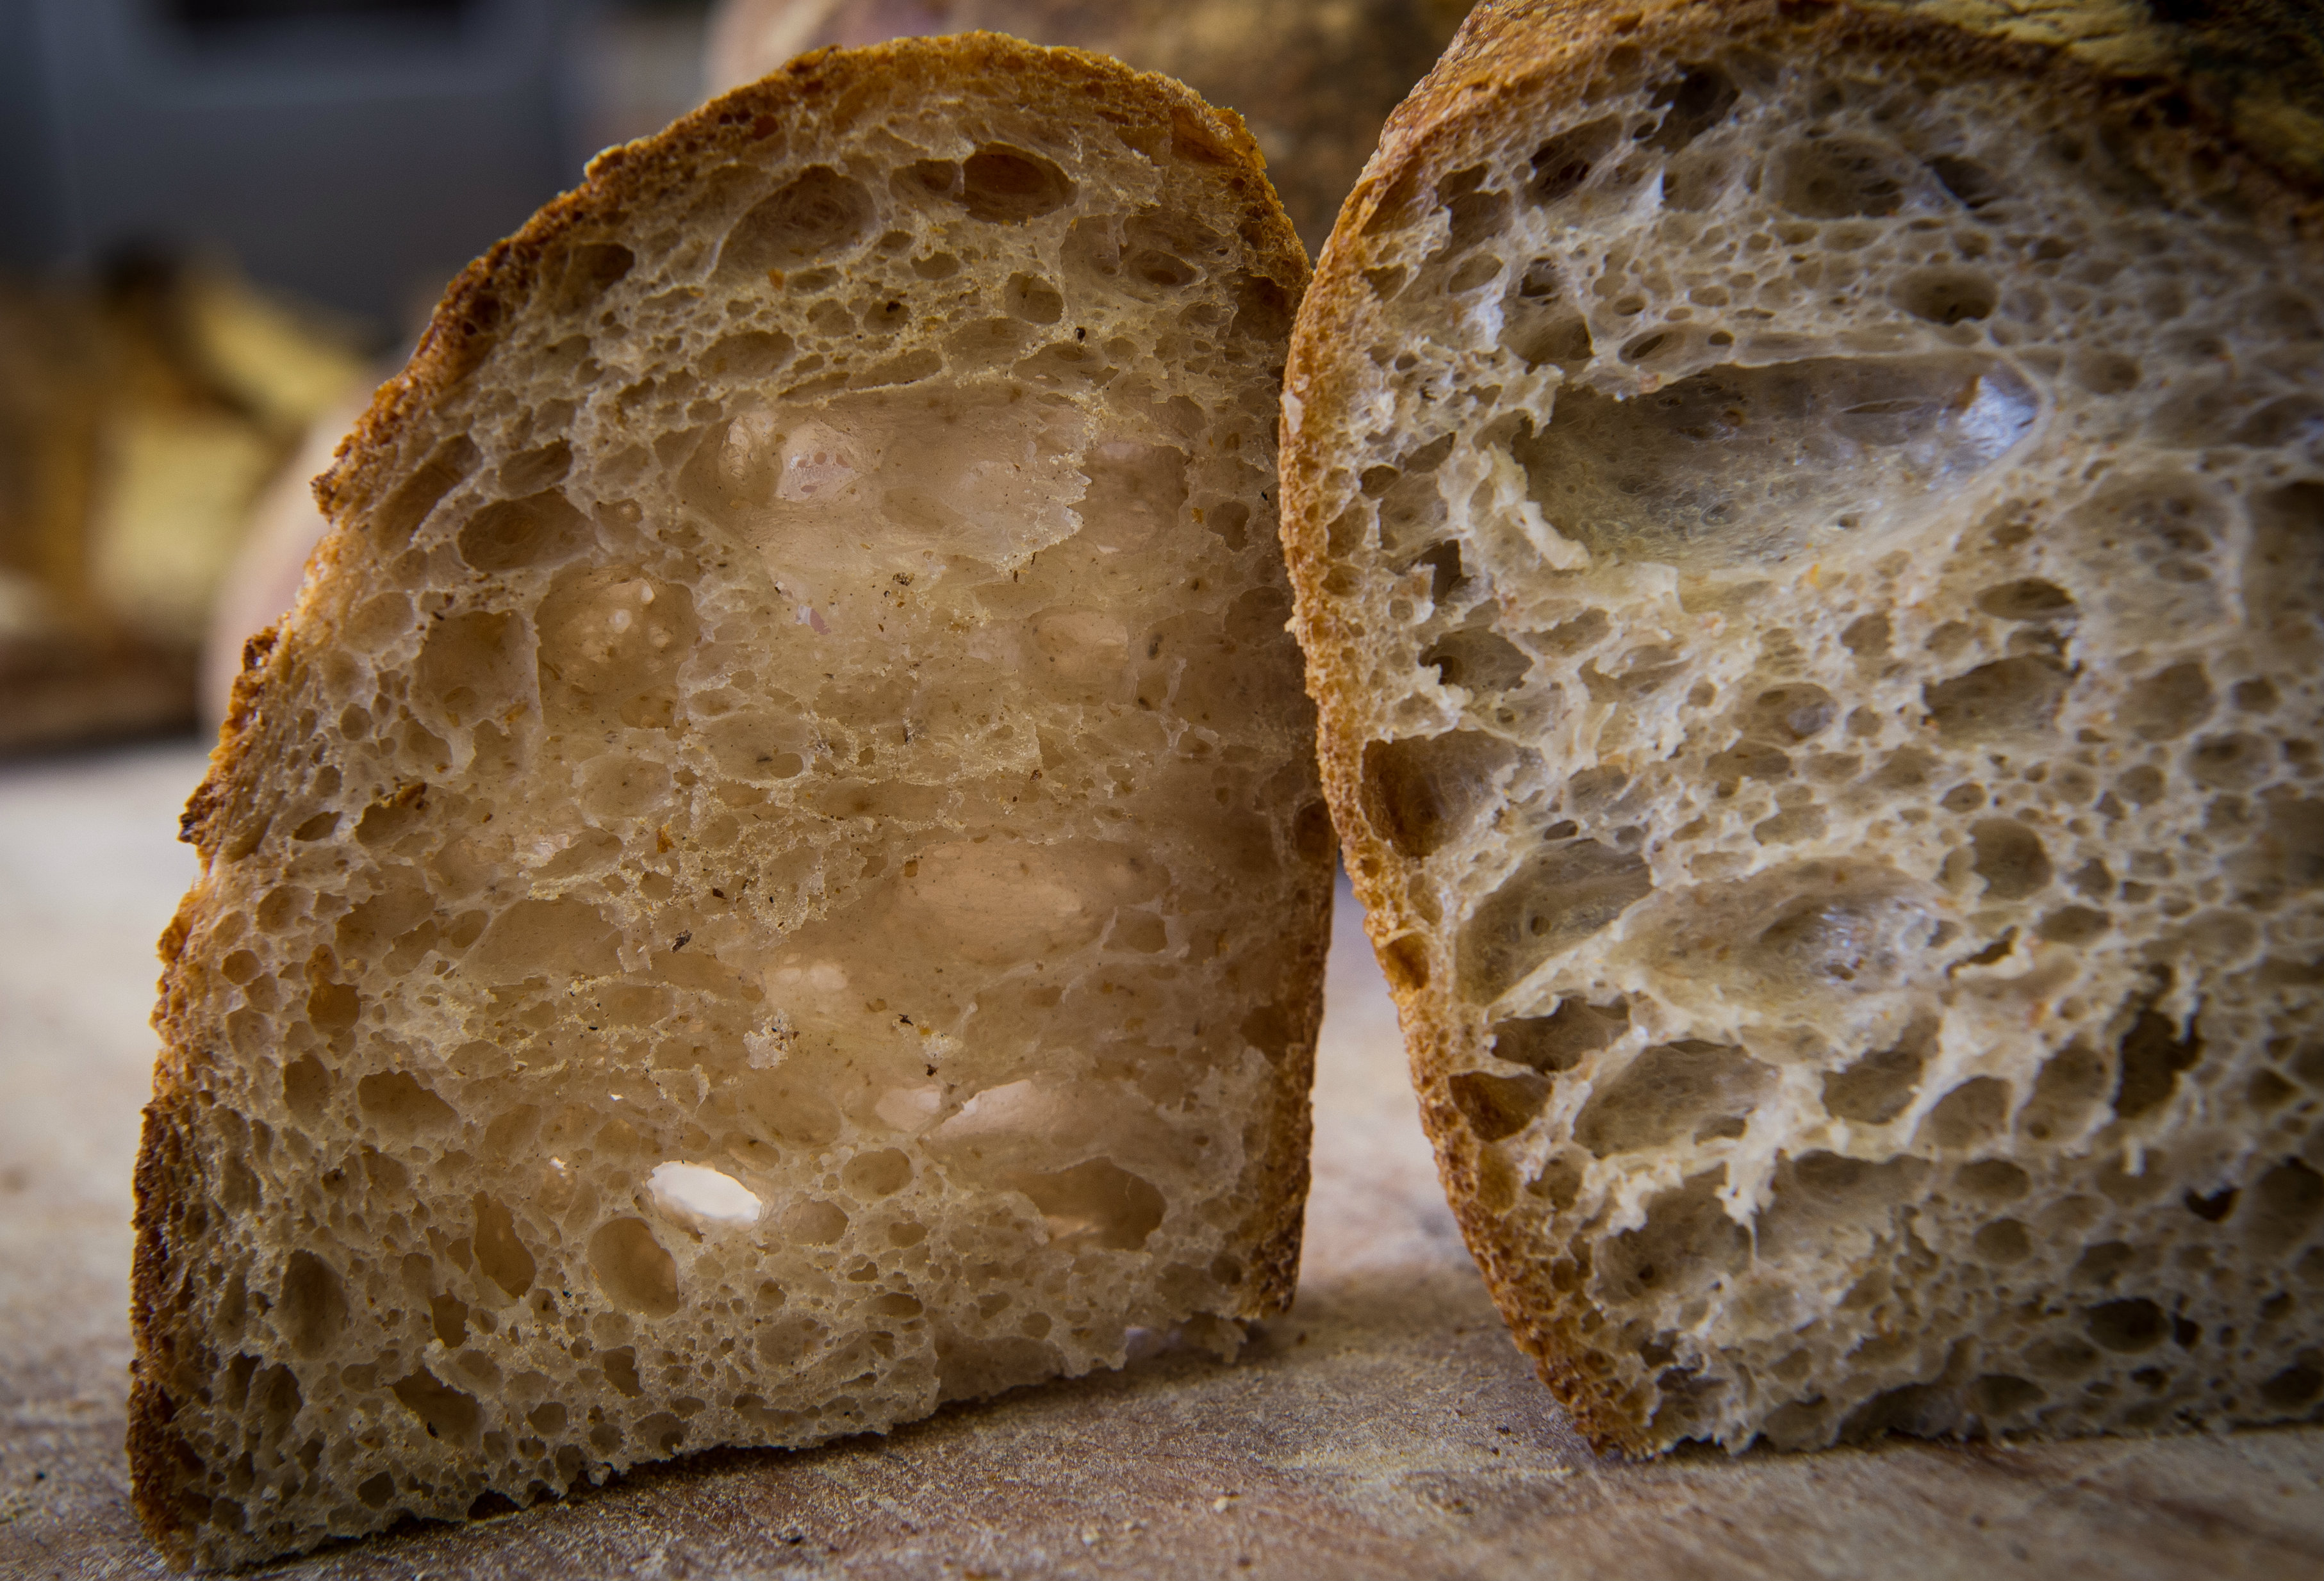 Le alveolature del pane di Bonci. Foto di Francesco Vignali